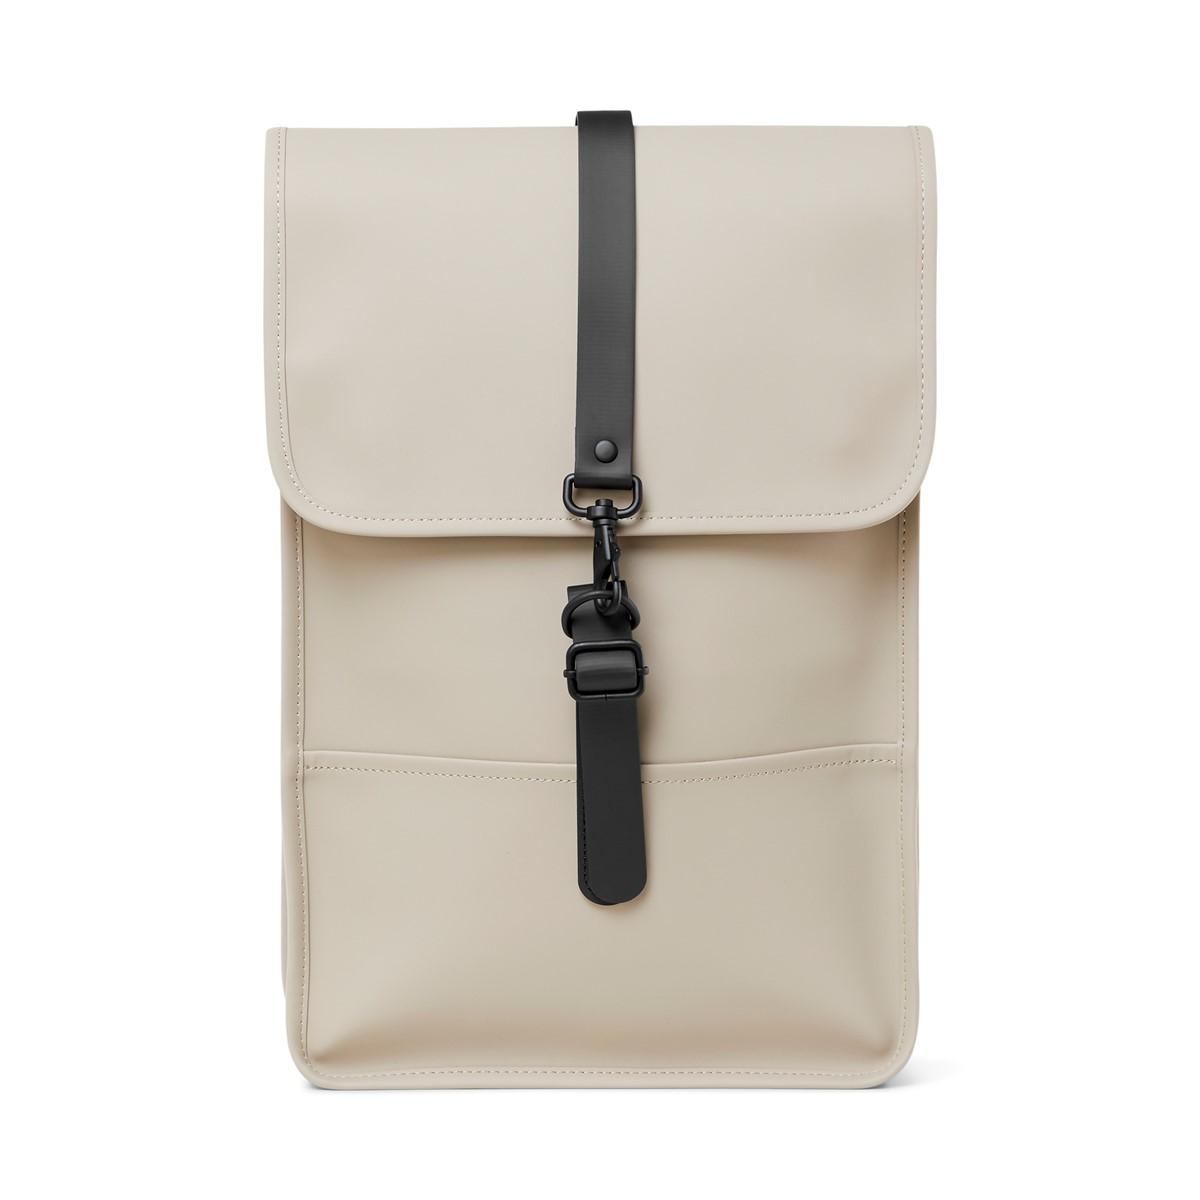 Mini Backpack in Beige